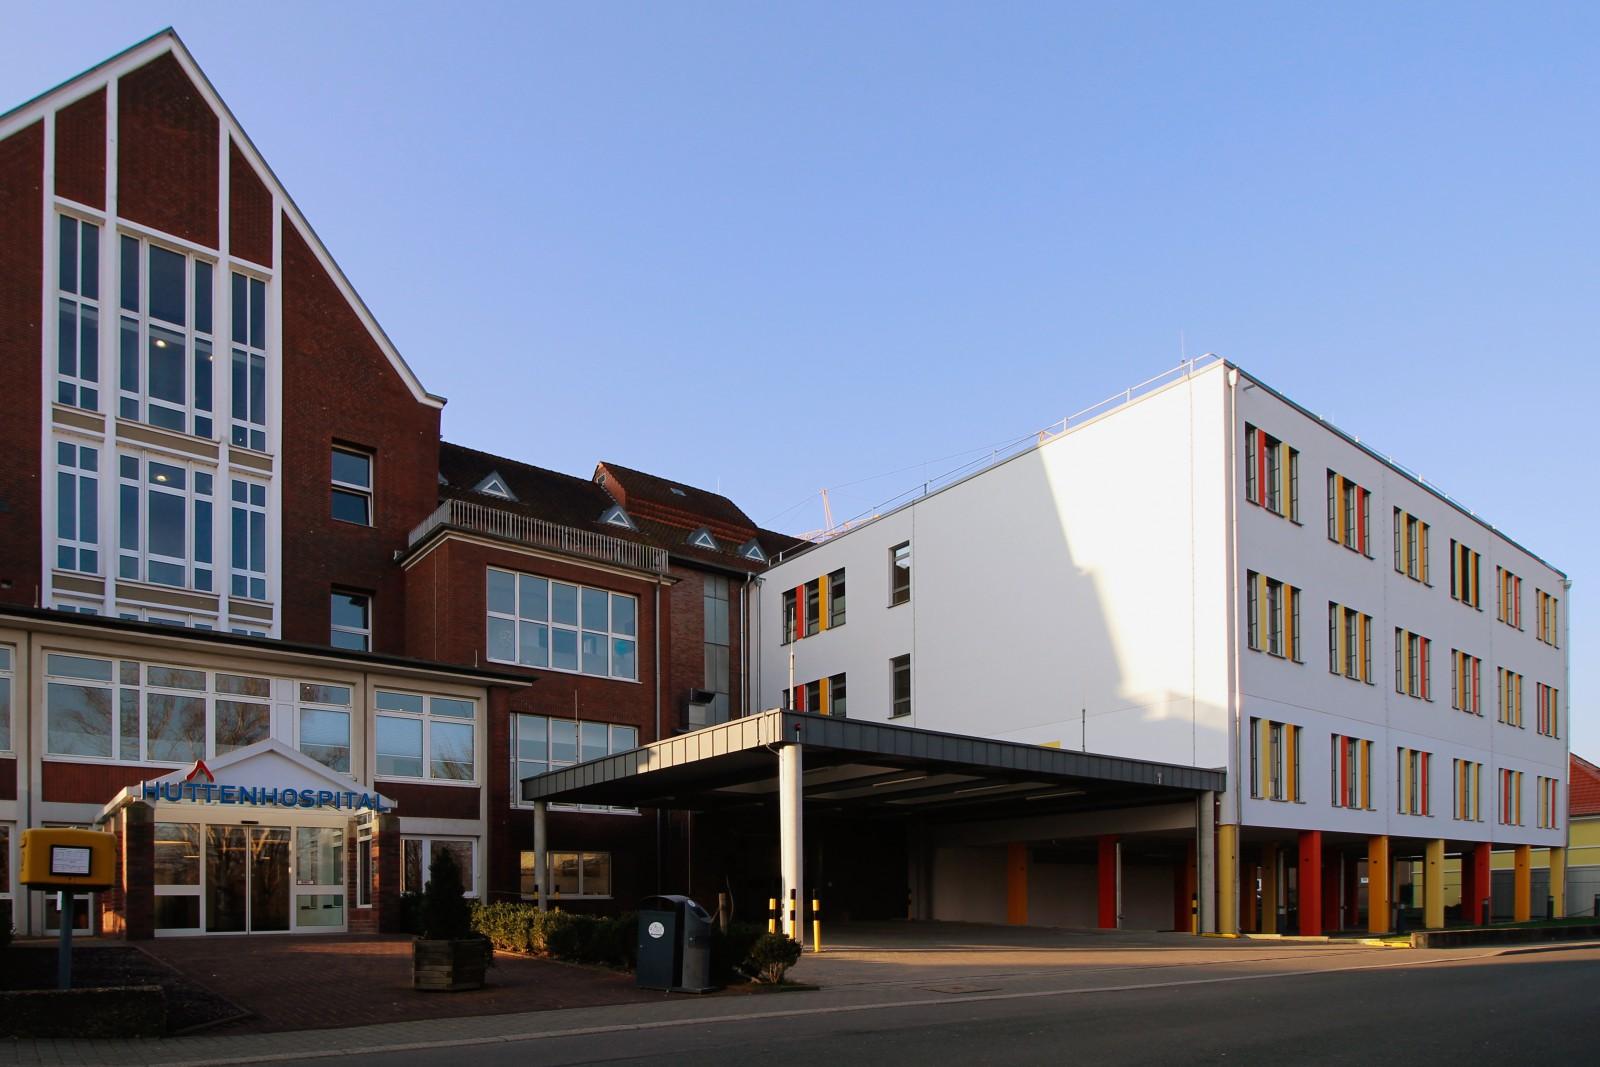 Hüttenhospital Do_Aufstockung Ansicht 2